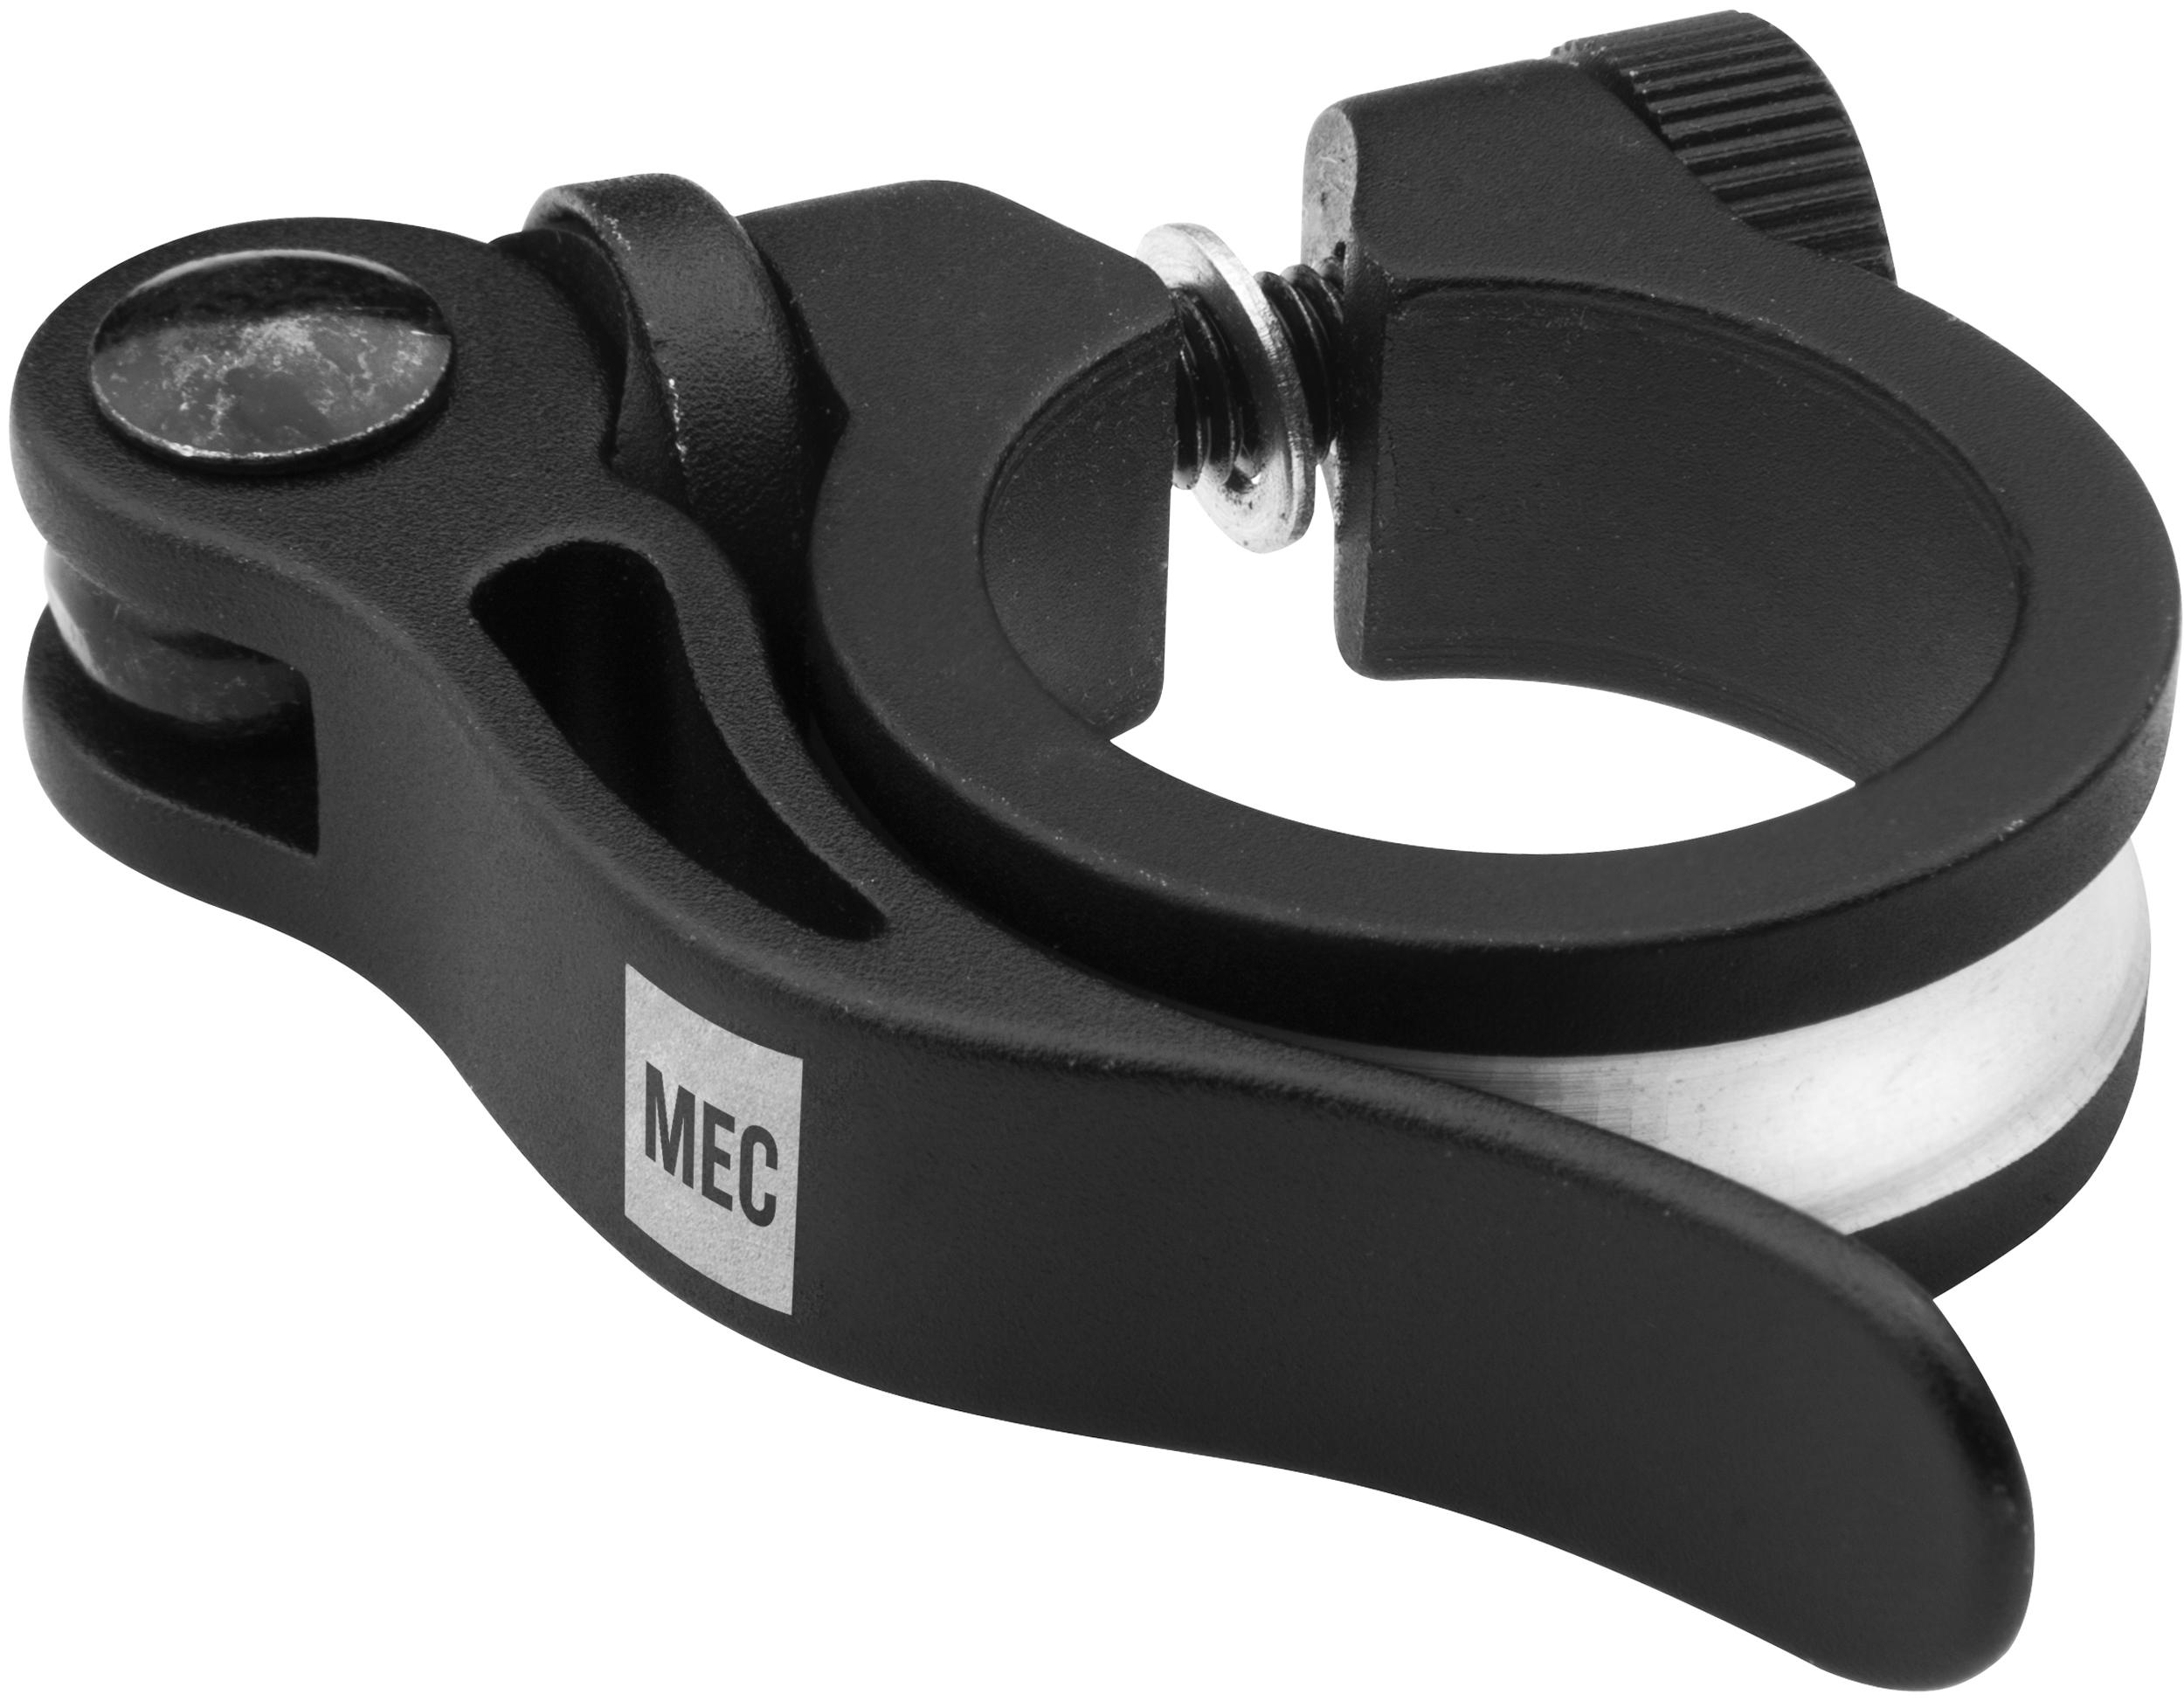 Mec Quick Release Seat Post Clamp